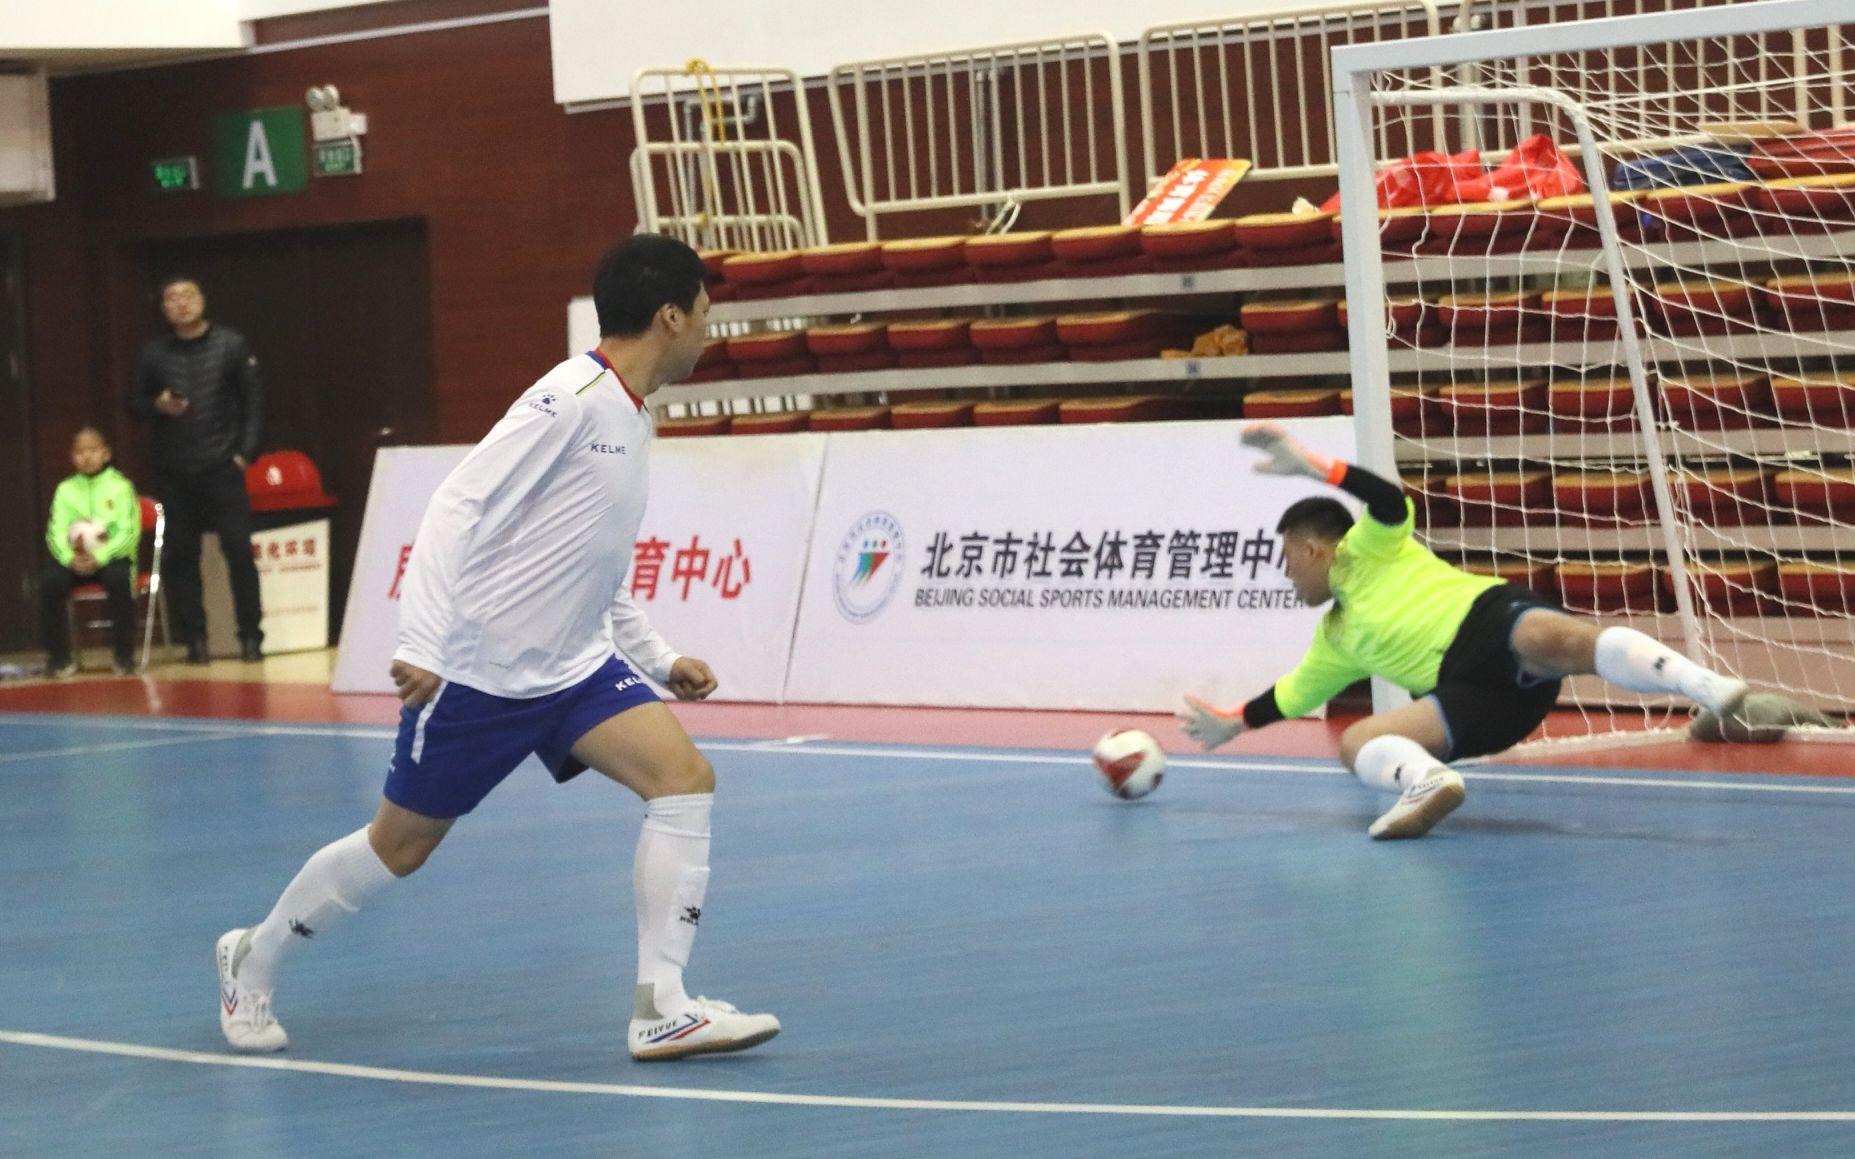 市足协杯五人制足球赛揭幕,业余高手聚良乡_北京市